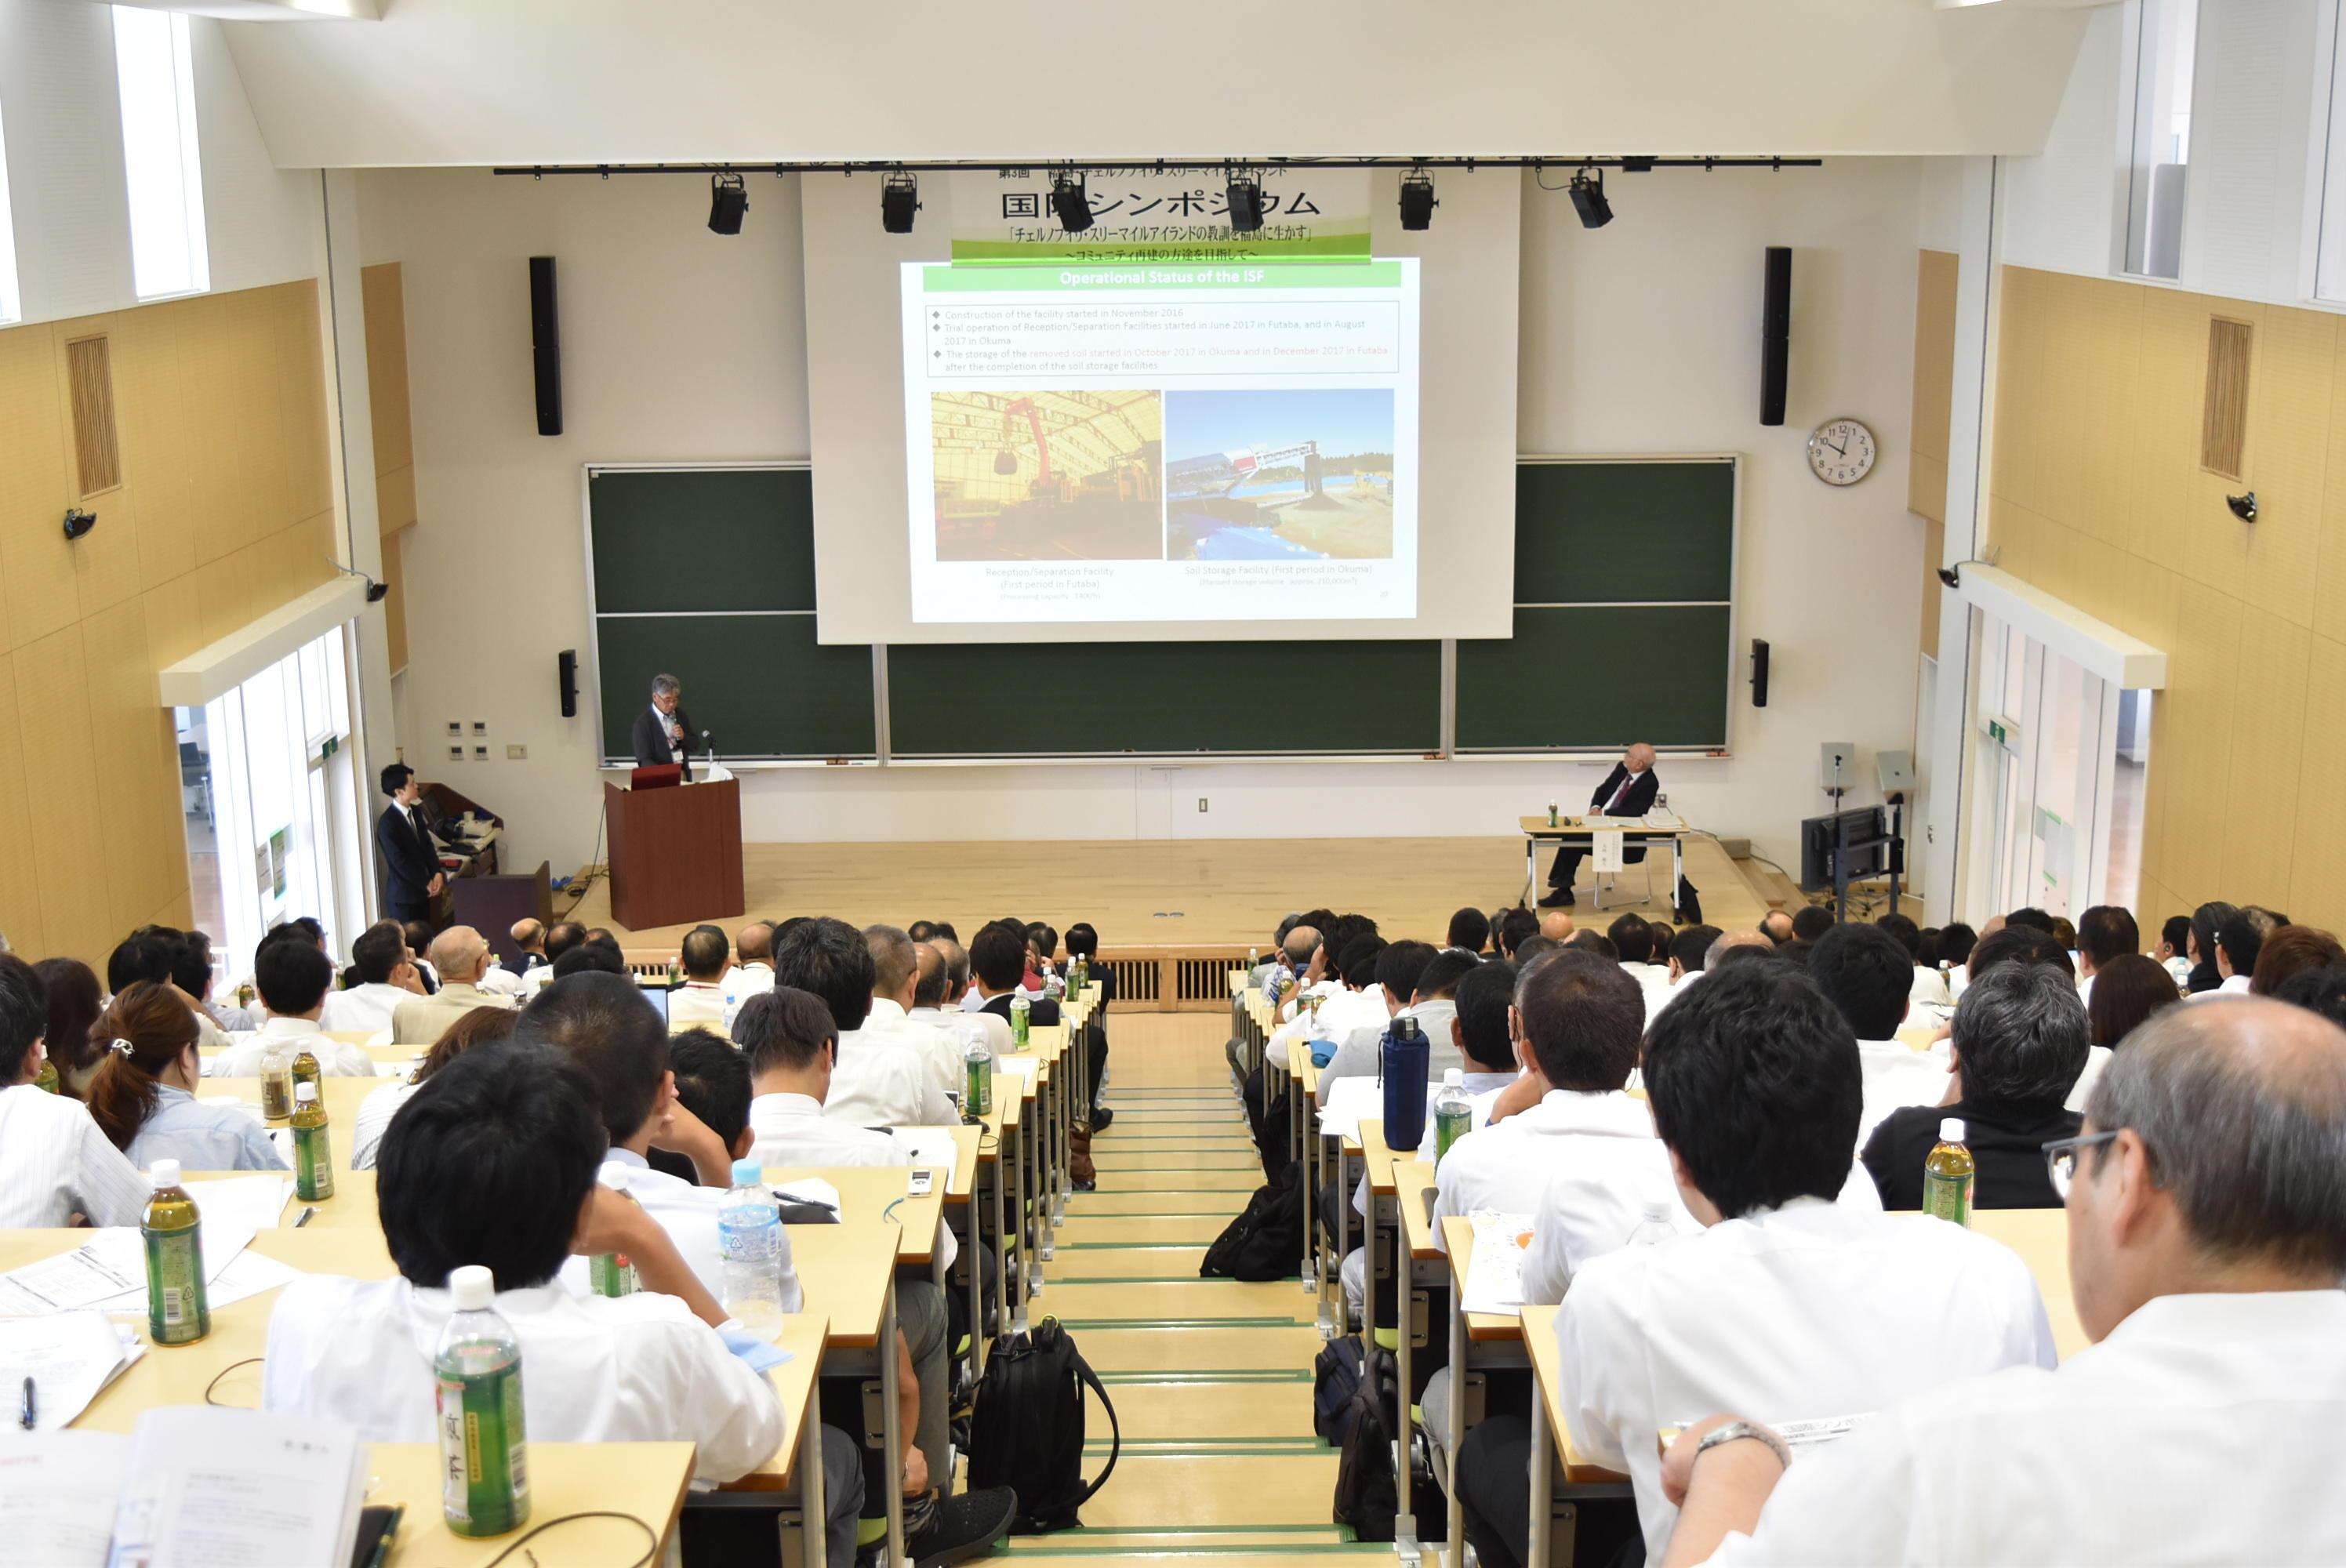 東日本国際大学が国際シンポジウム「第3回福島・チェルノブイリ・スリーマイルアイランド国際シンポジウム」を開催 -- 原発対策の世界の英知を結集